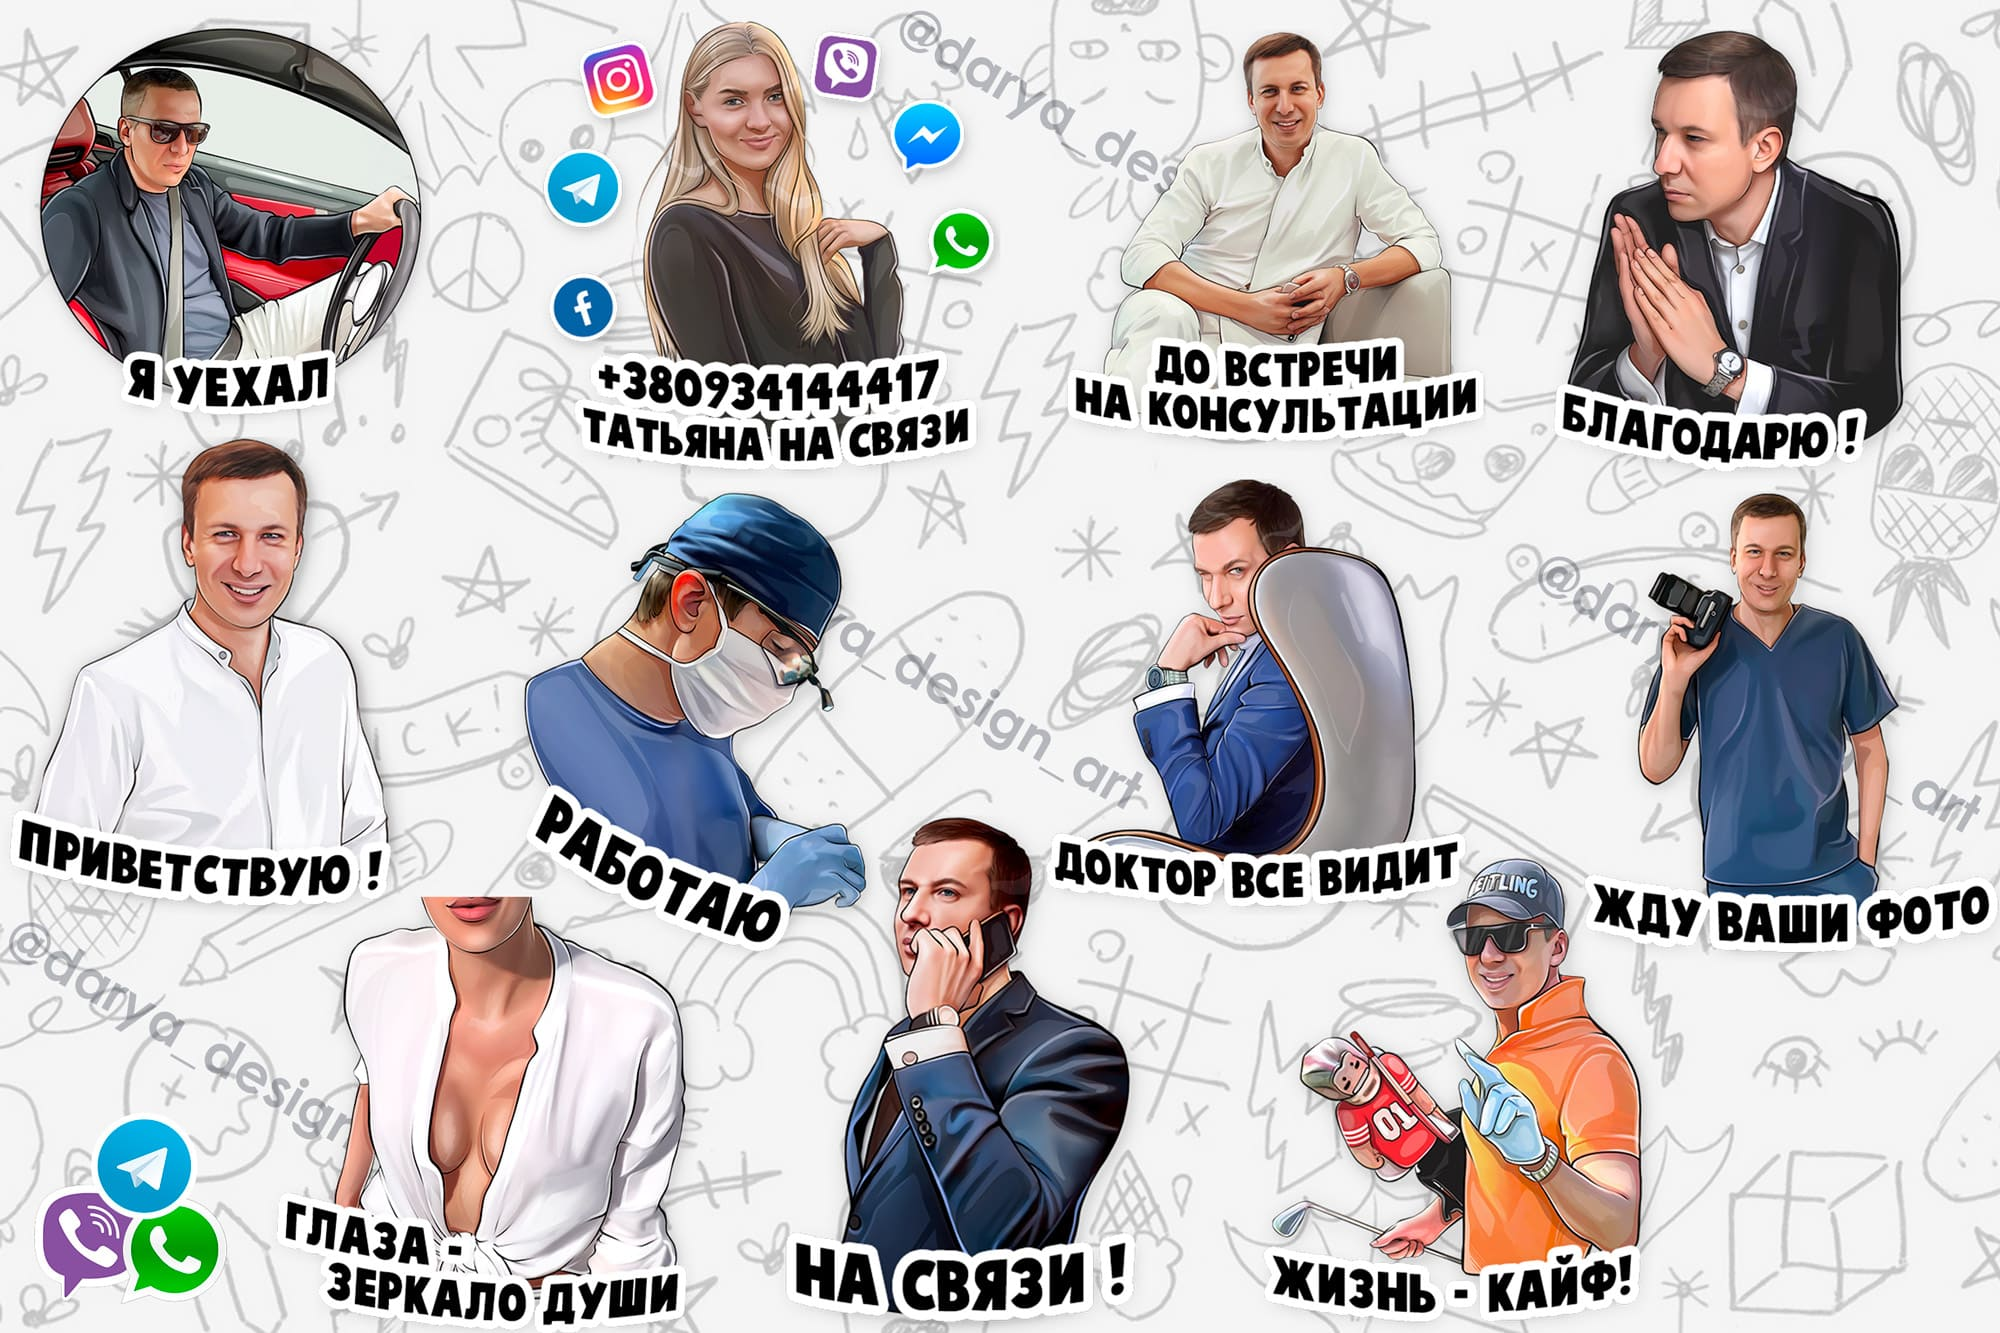 Персональные портретные стикеры доктор